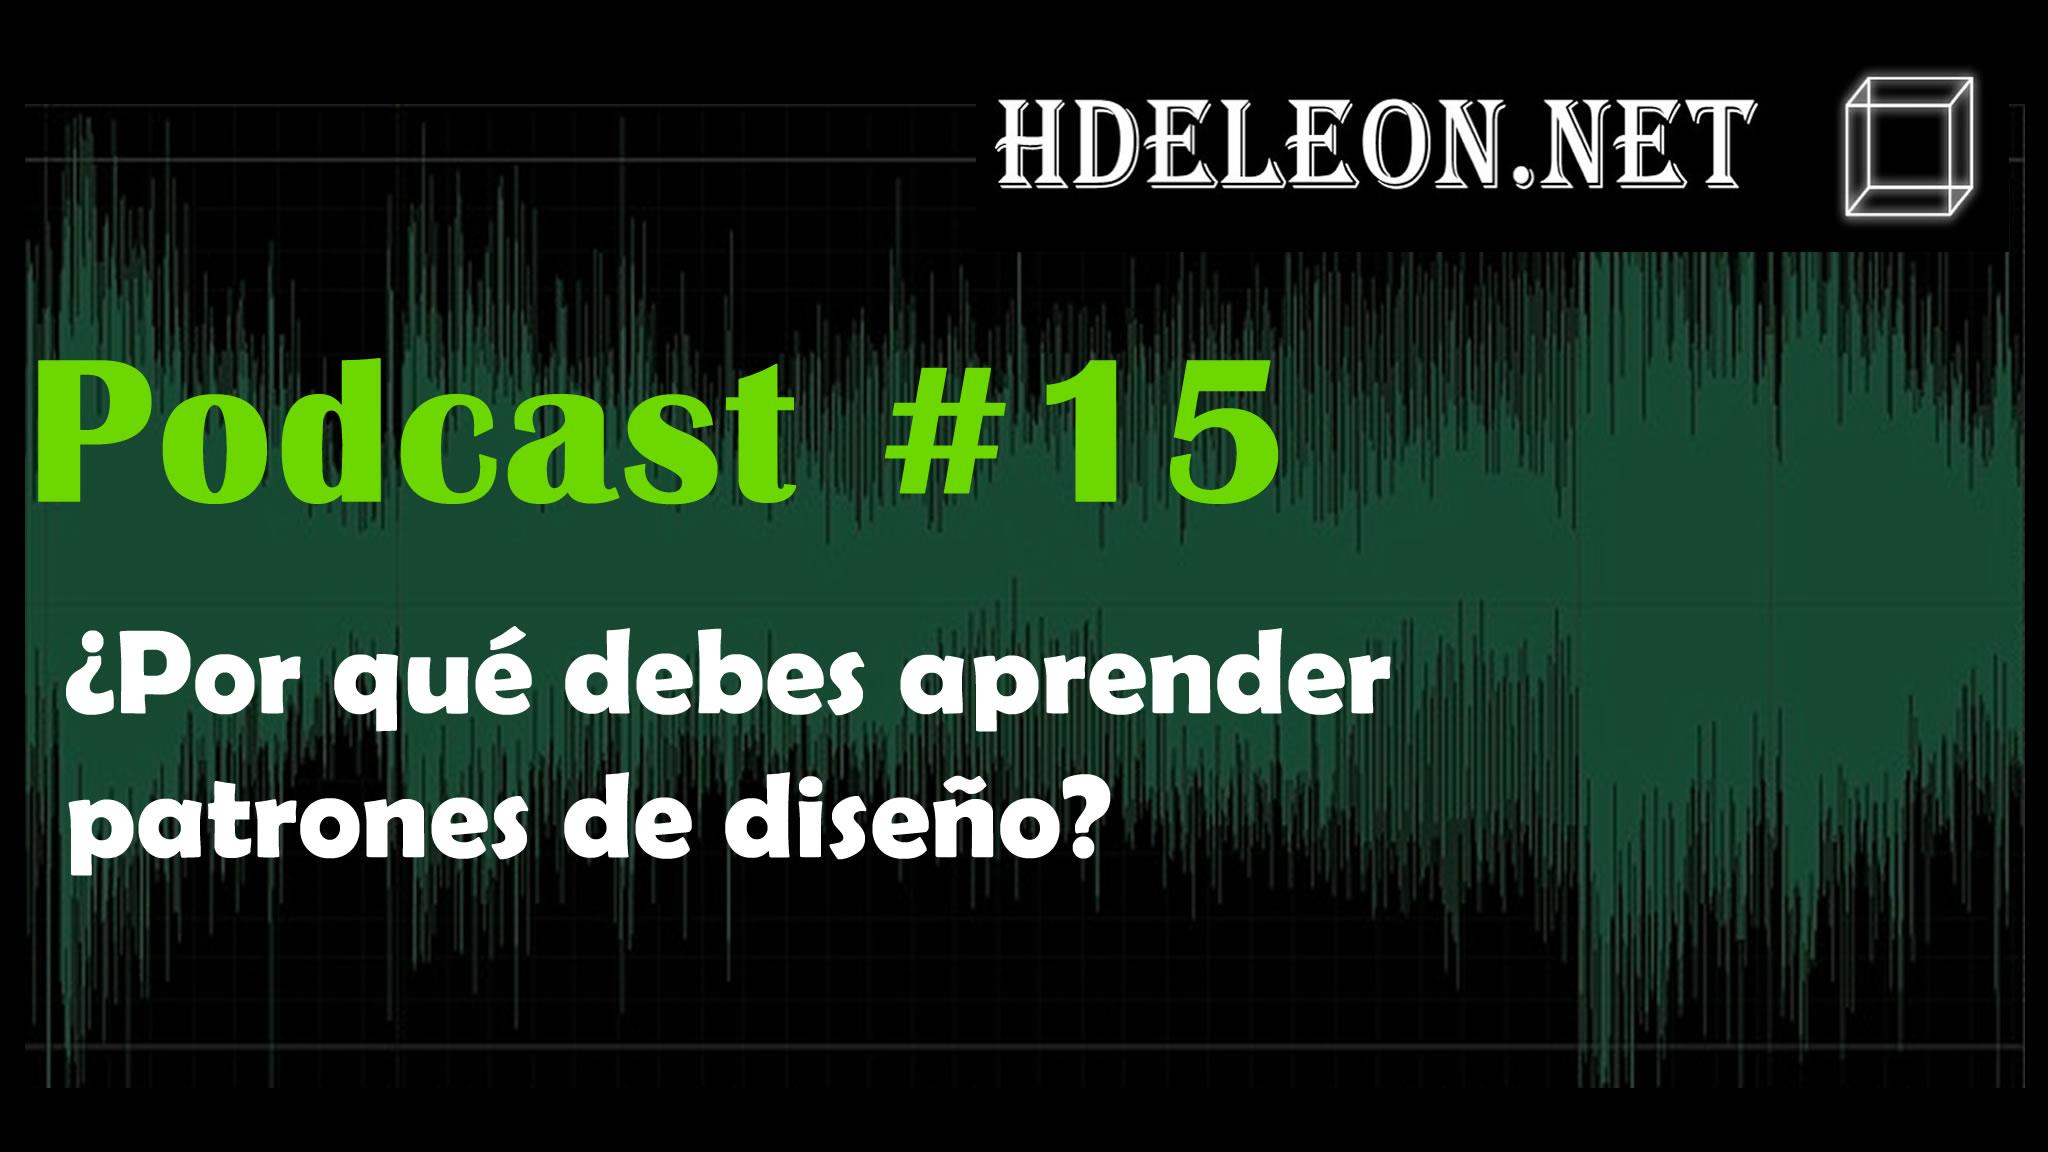 Podcast #15 – ¿Por qué debes aprender patrones de diseño?